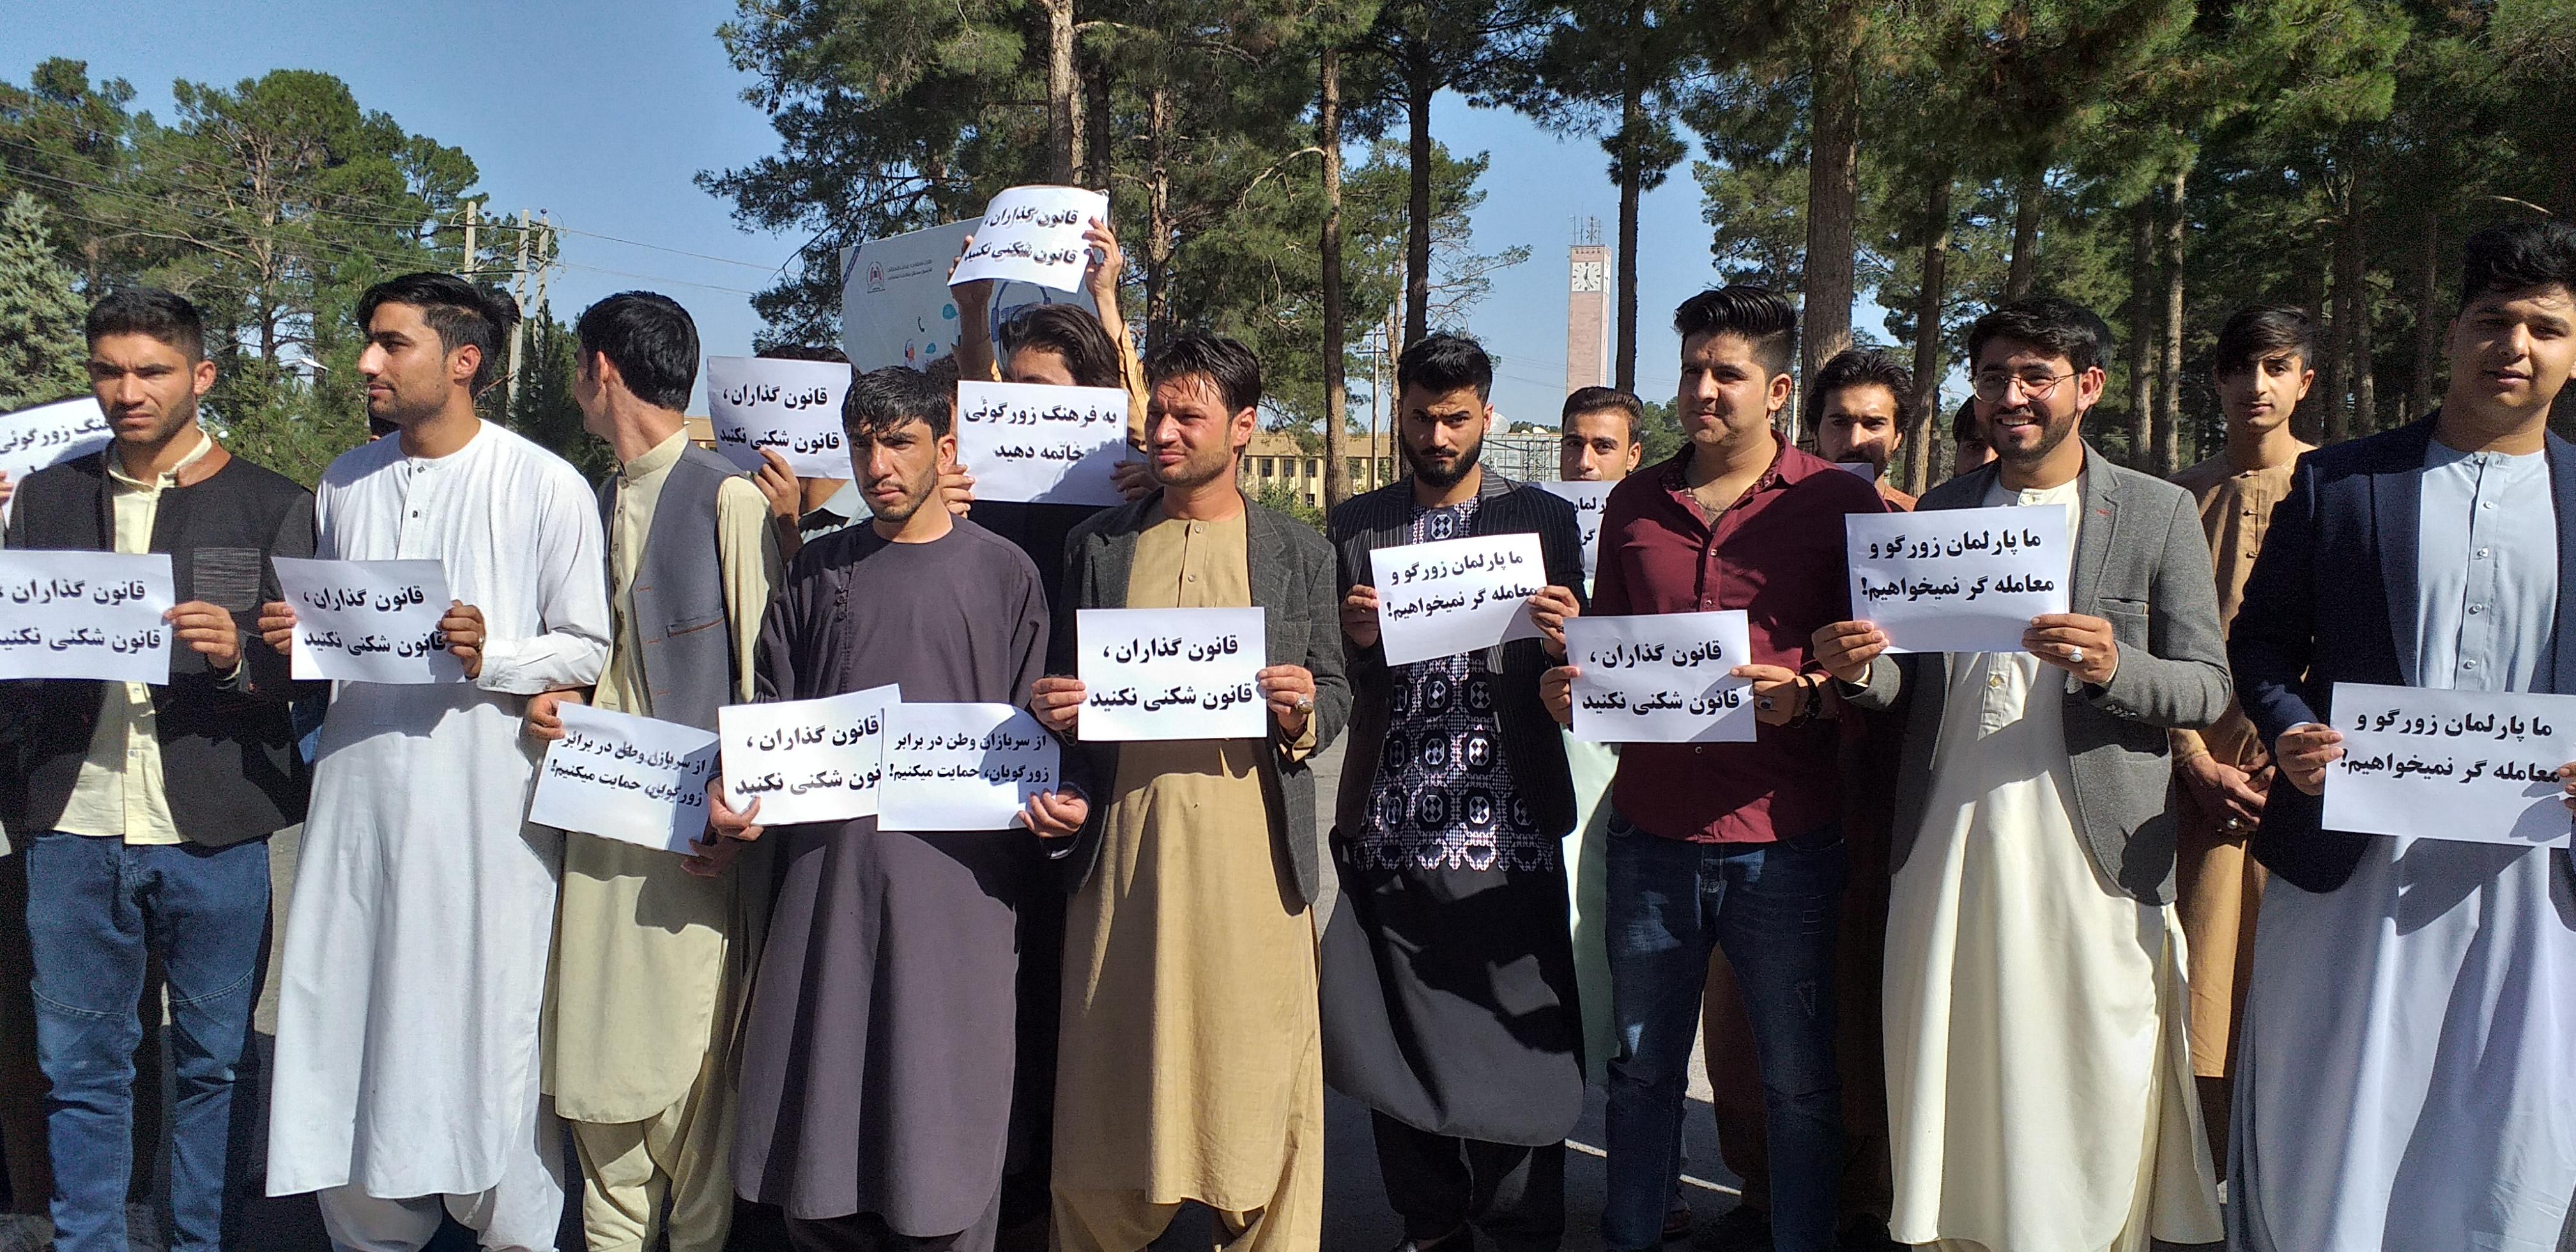 شماری از جوانان هرات برخورد مسلحانه اعضای مجلس با پولیس را محکوم کردند